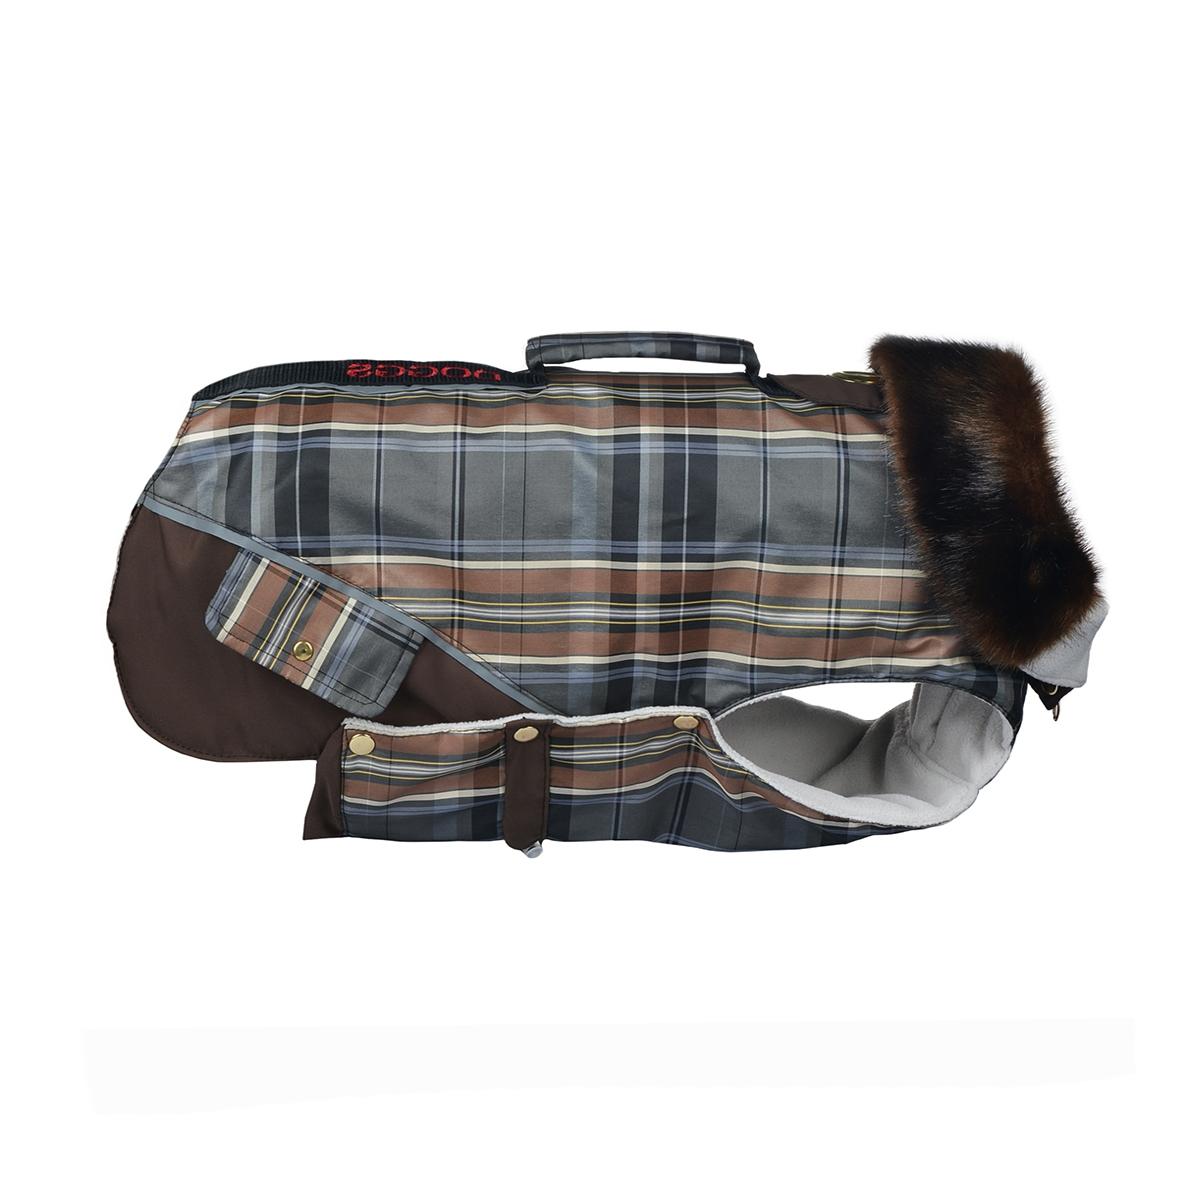 Попона для собак Dogmoda Doggs, для девочки, цвет: коричневый. Размер M0120710Теплая попона для собак Dogmoda Doggs отлично подойдет для прогулок в холодное время года. Попона изготовлена из водоотталкивающего полиэстера, защищающего от ветра и осадков. Синтепоновый утеплитель сохранит тепло даже в сильные морозы и обеспечит уют во время зимних прогулок. На подкладке используется флис, который обеспечивает воздухообмен. Попона не имеет рукавов, поэтому не ограничивает свободу движений, и собака будет чувствовать себя в ней комфортно. Стильный меховой воротник-стойка на молнии всегда будет обращать на себя восторженное внимание других владельцев собак. Модель застегивается на кнопки. На животе попона затягивается на шнурок-кулиску с зажимом. Спинка декорирована вышитой надписью Doggs, оснащена светоотражающими элементами и ручкой. Модель снабжена непромокаемым карманом для размещения записки с информацией о вашем питомце, на случай если он потеряется. Благодаря такой попоне питомцу будет тепло и комфортно.